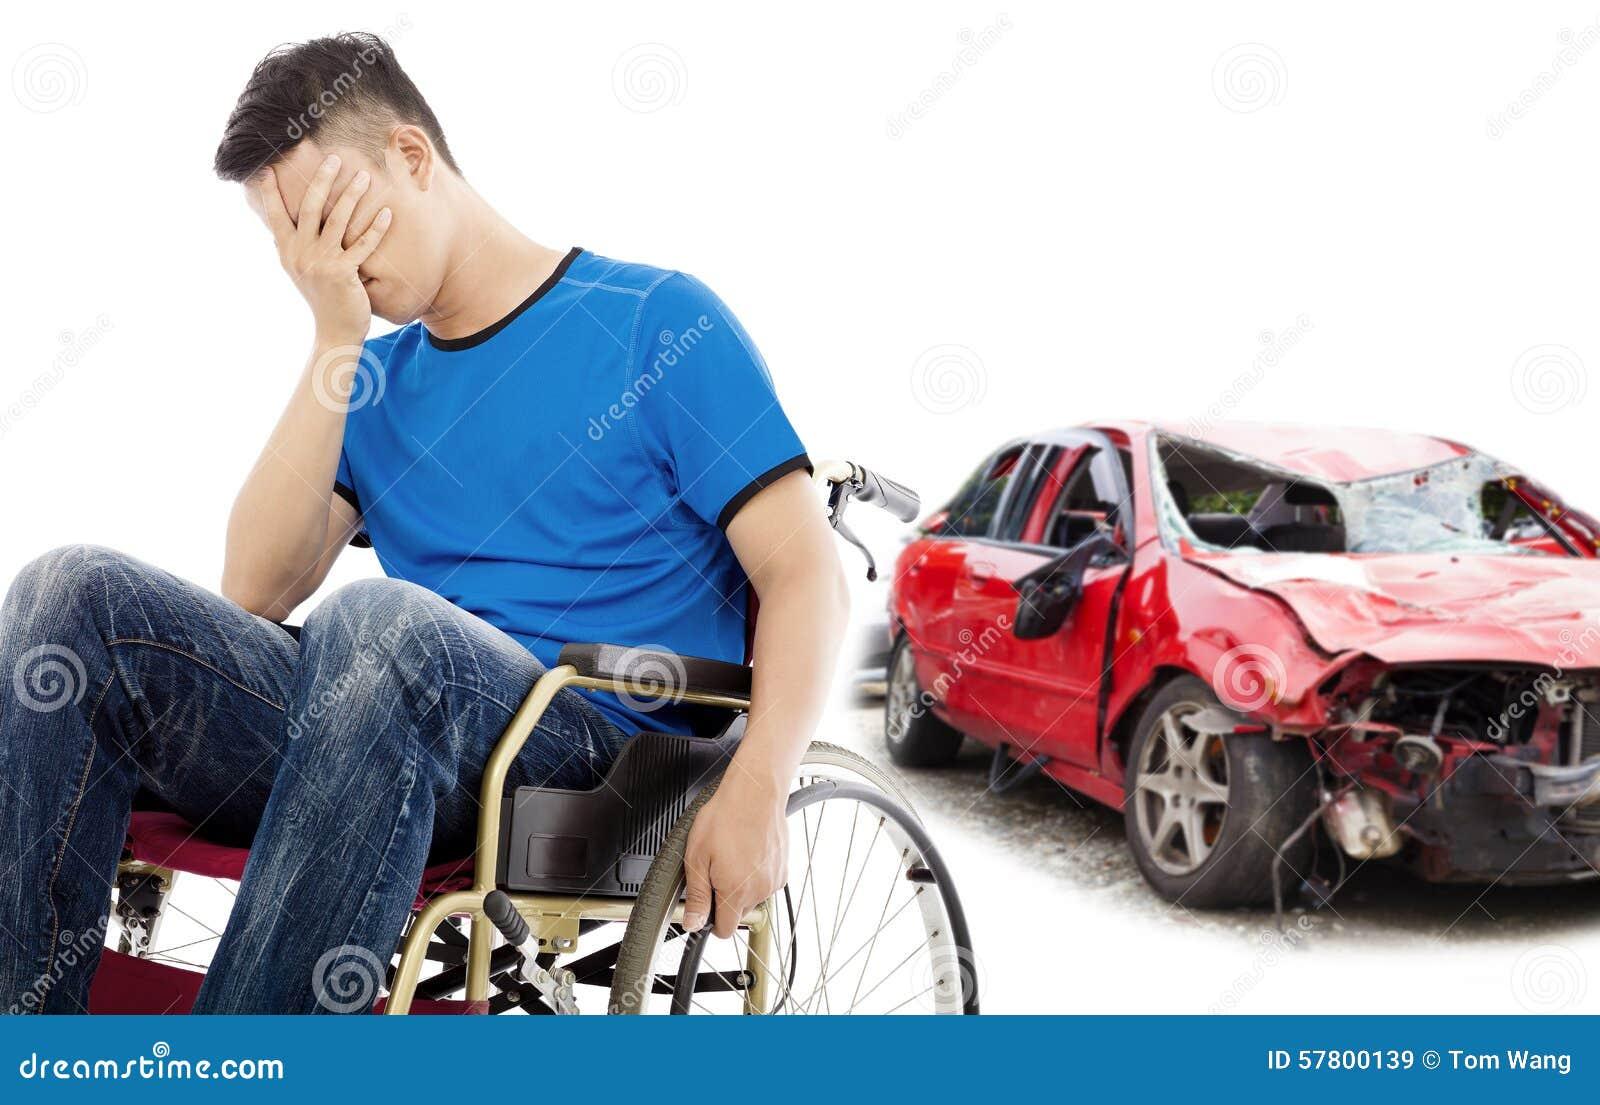 Пациент стресса с концепцией автомобильной катастрофы